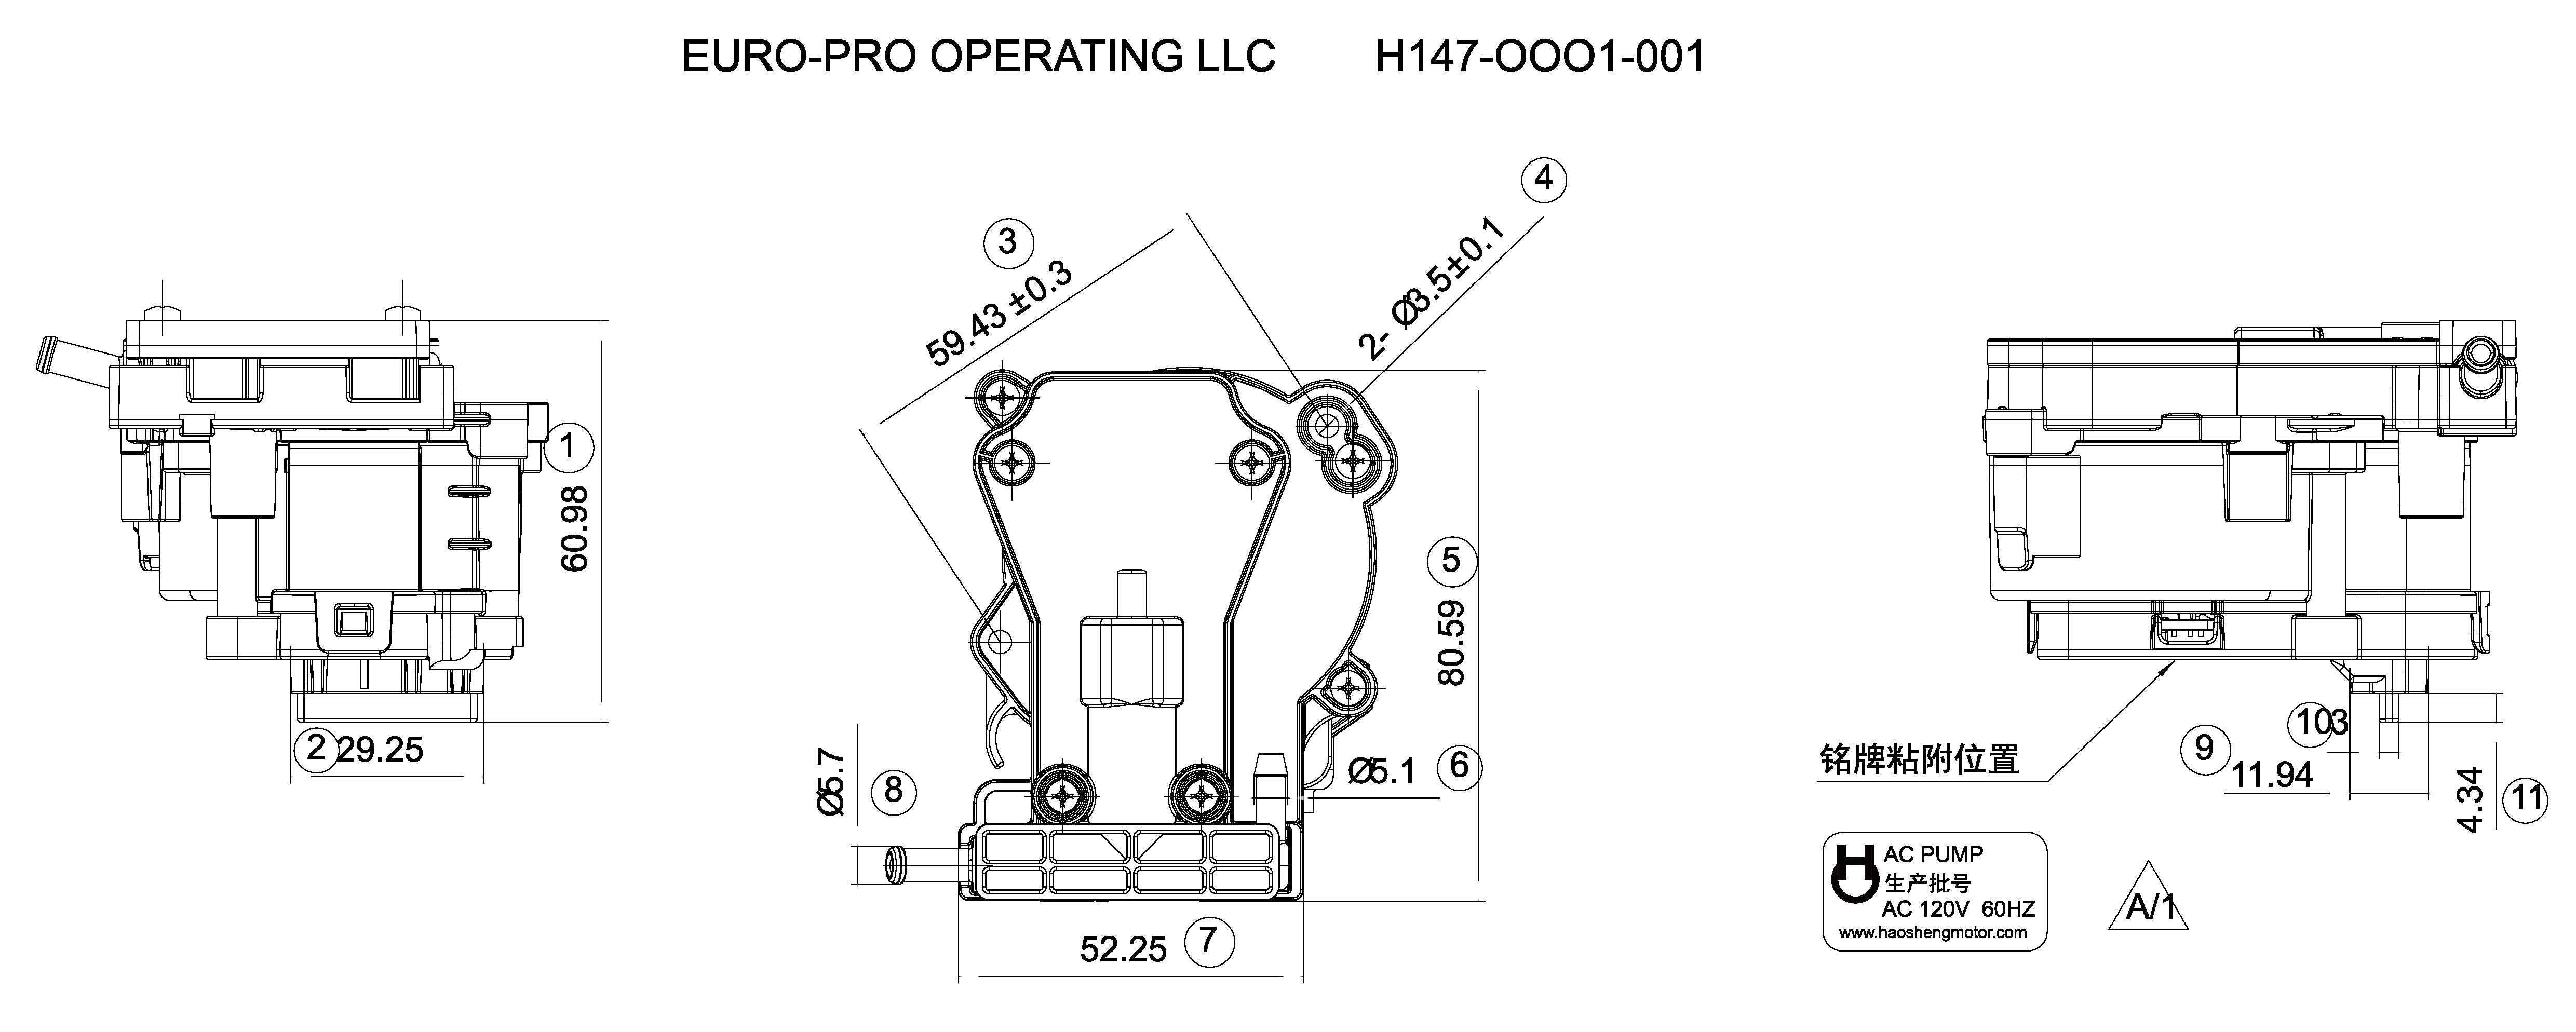 AC-Pump_Outline拉-01-01-01